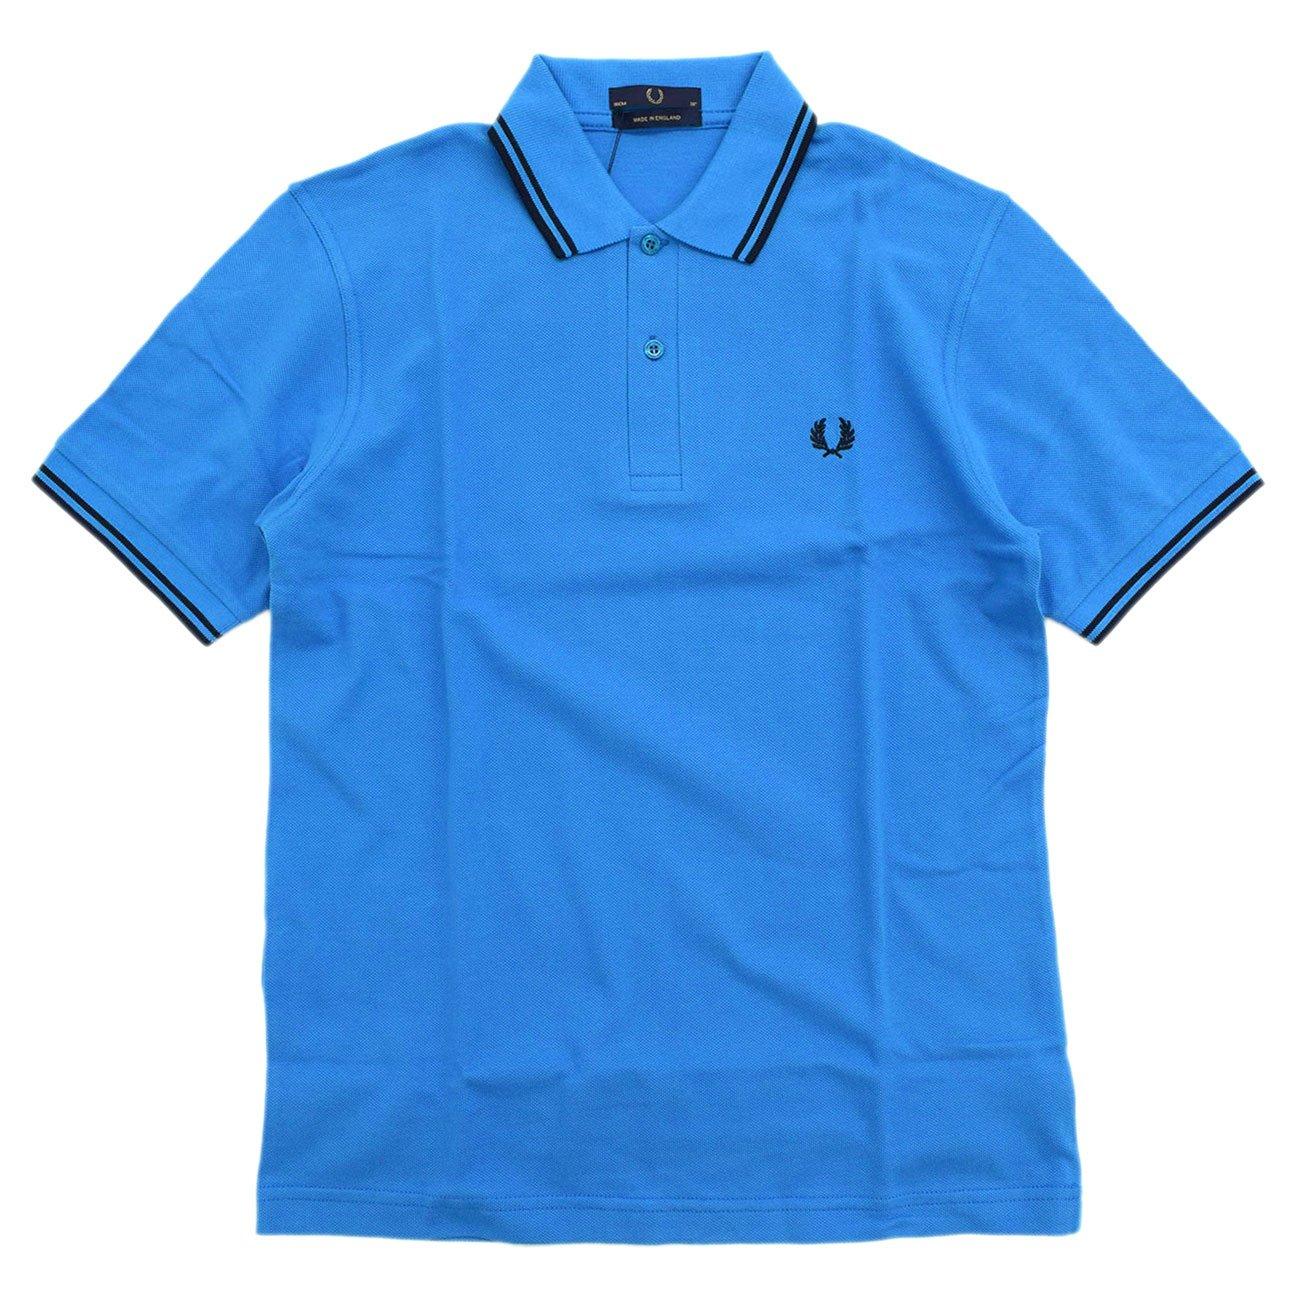 (フレッドペリー) FRED PERRY ポロシャツ ポロ 英国製 半袖 メンズ M12N イングランド B07C4X151X 36(日本S)|ブルー/ネイビー(171) ブルー/ネイビー(171) 36(日本S)